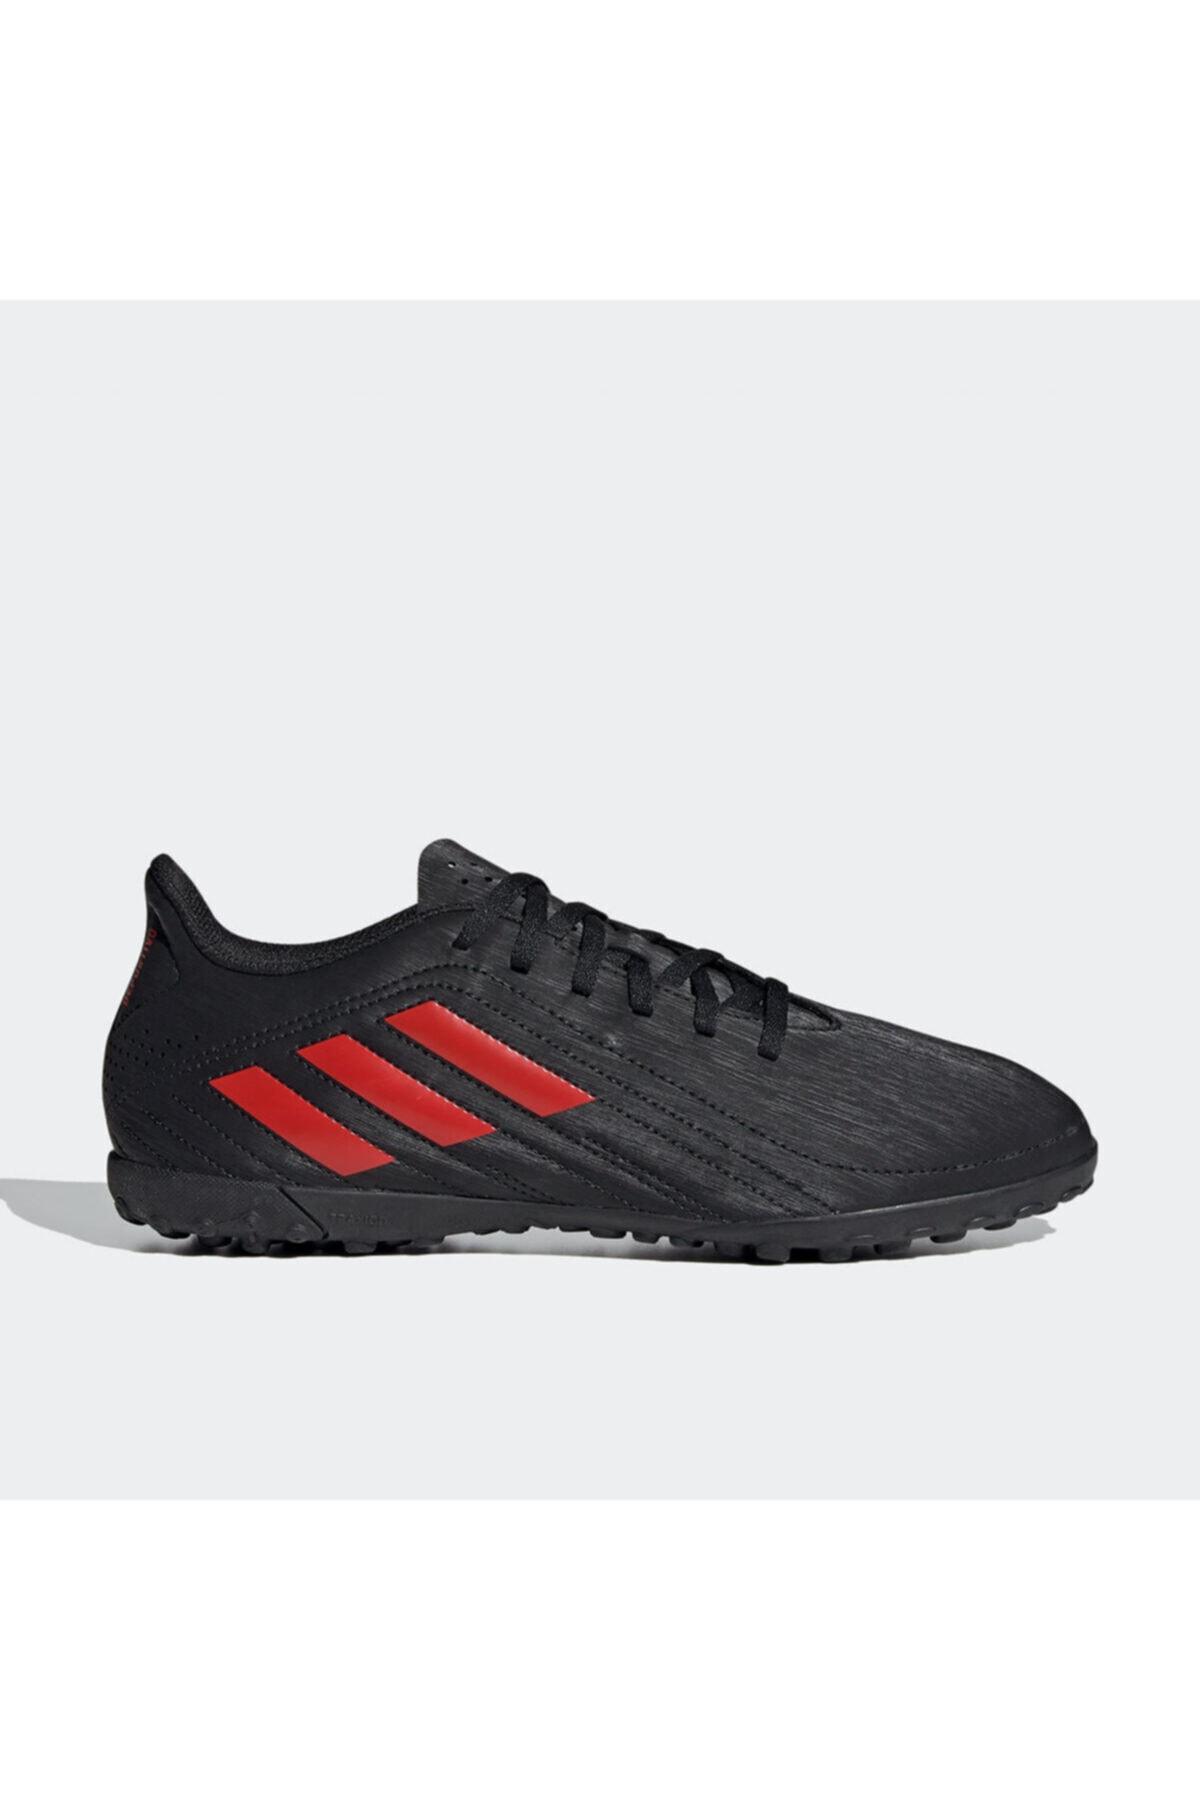 adidas DEPORTIVO TF Siyah Erkek Halı Saha Ayakkabısı 100663972 2